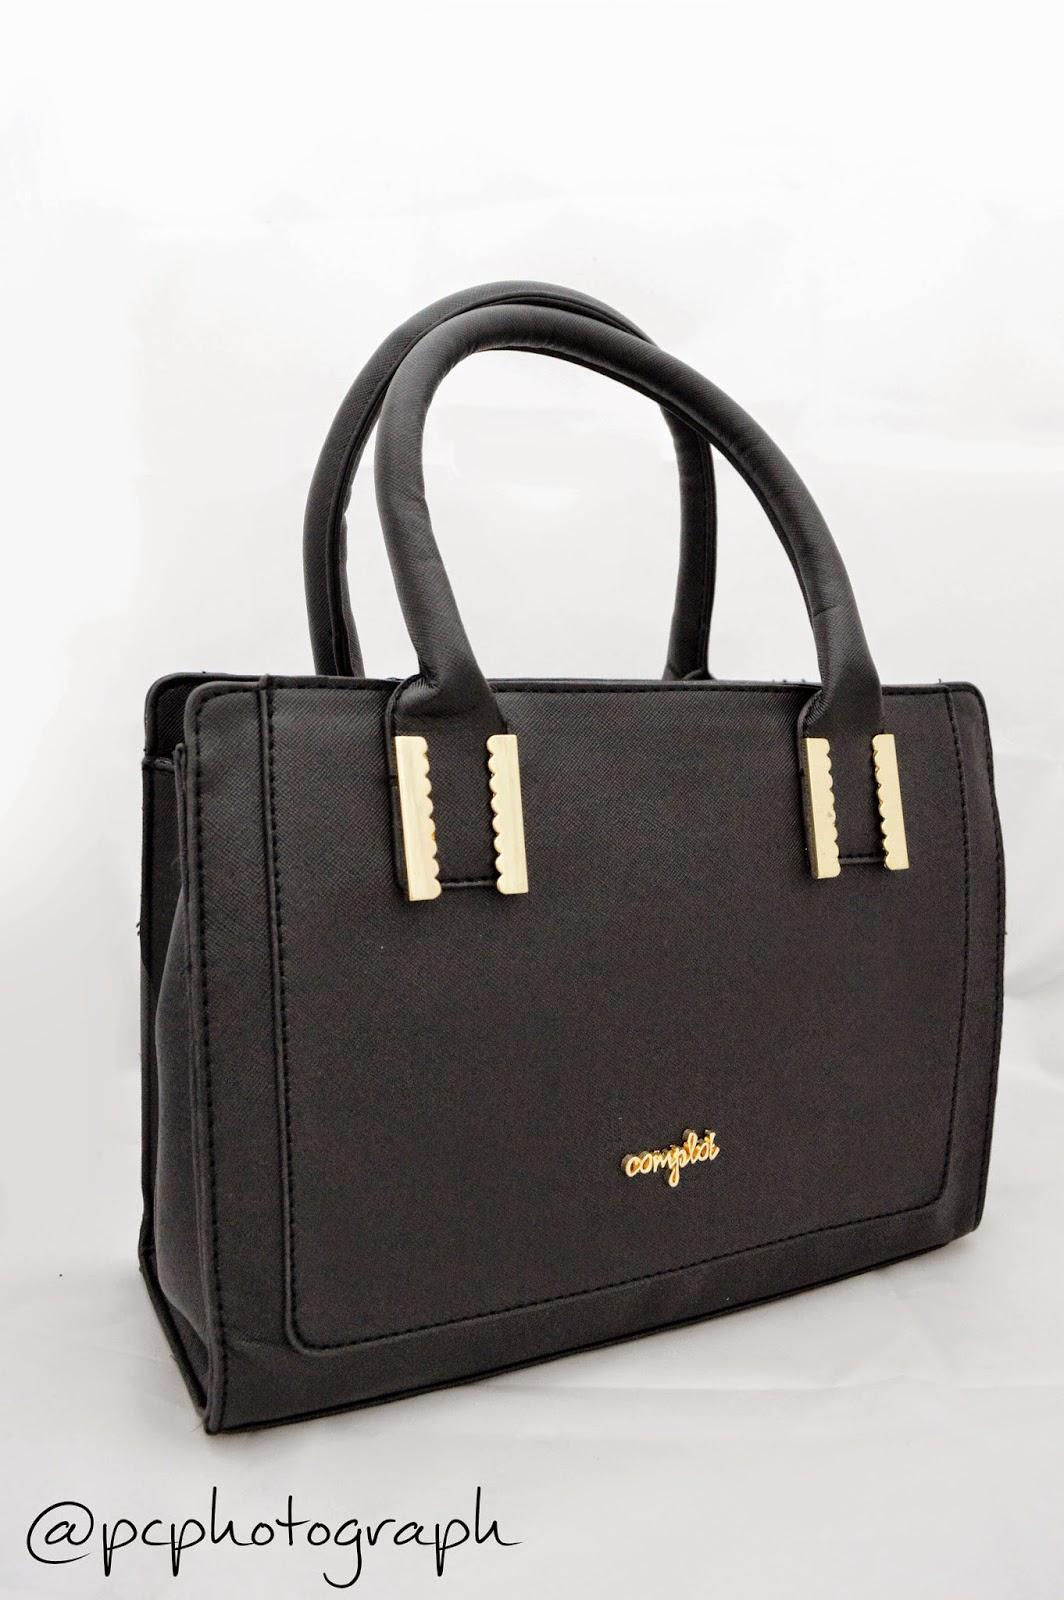 wholesale bags terbesar di batam yang menjual berbagai macam tas fashion yang murah dan berkualitas menerima drophipper dan reseller kunjungi kami lebih lanjut